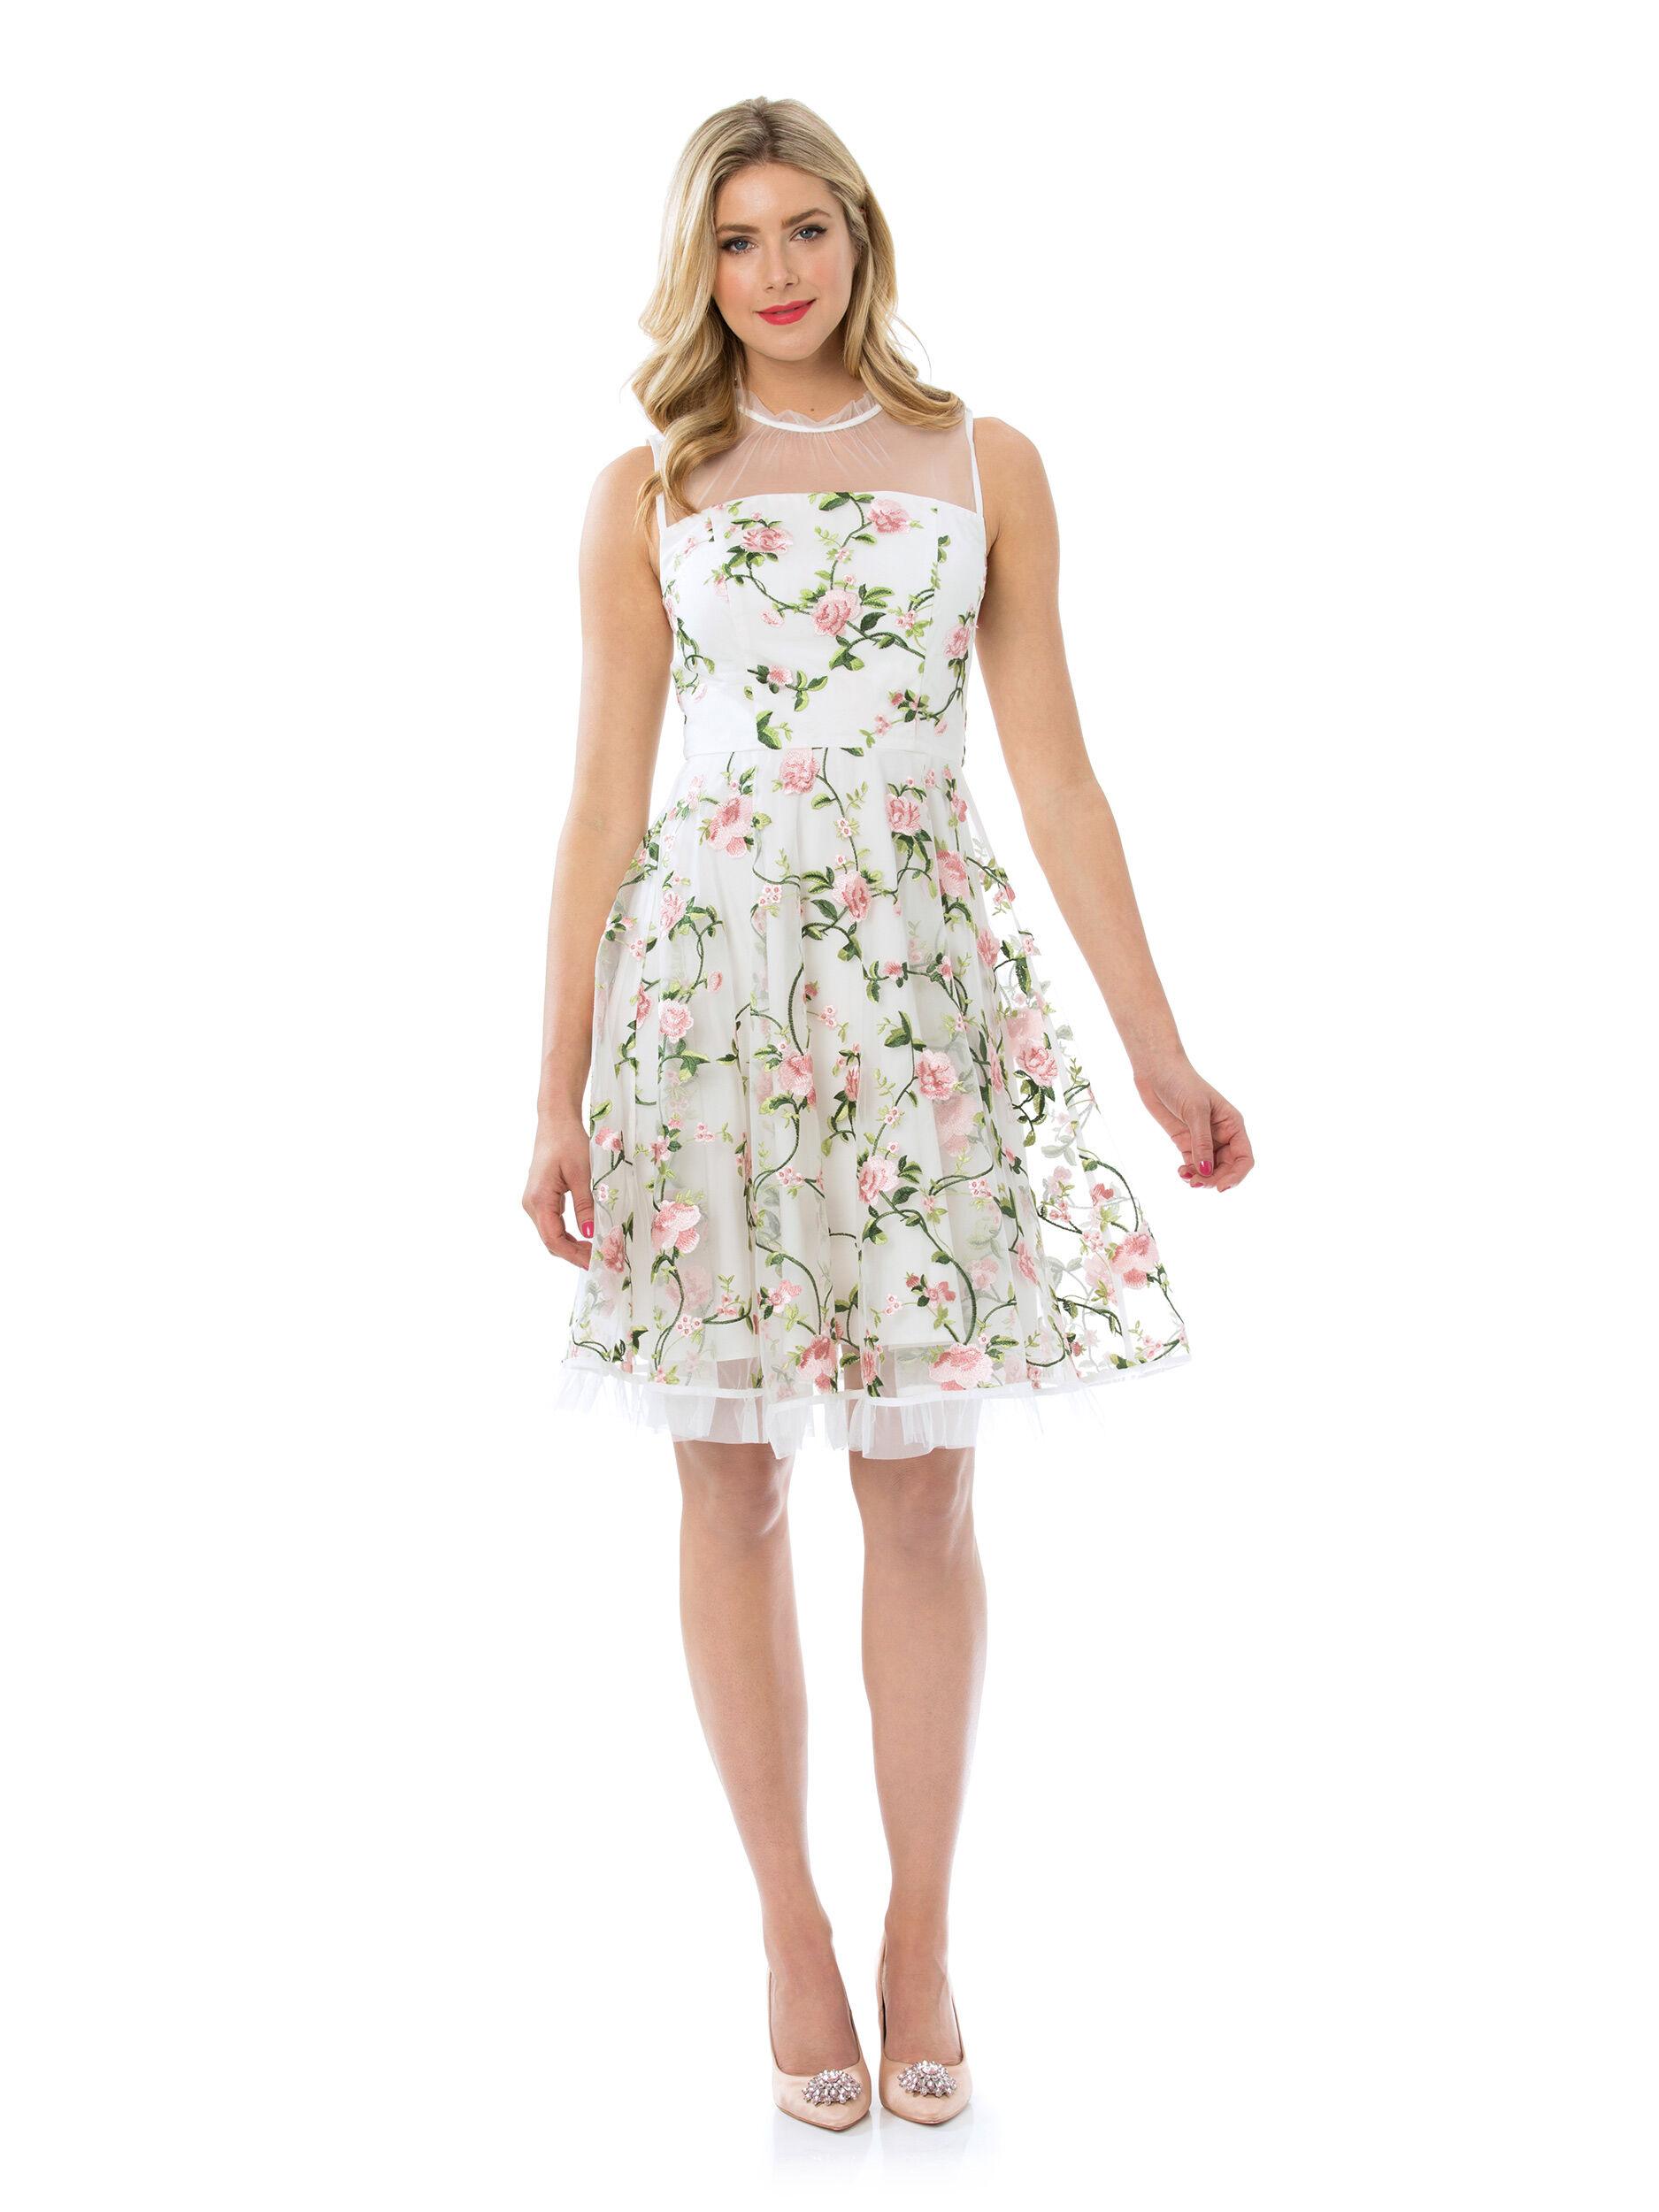 Heirloom Floral Dress